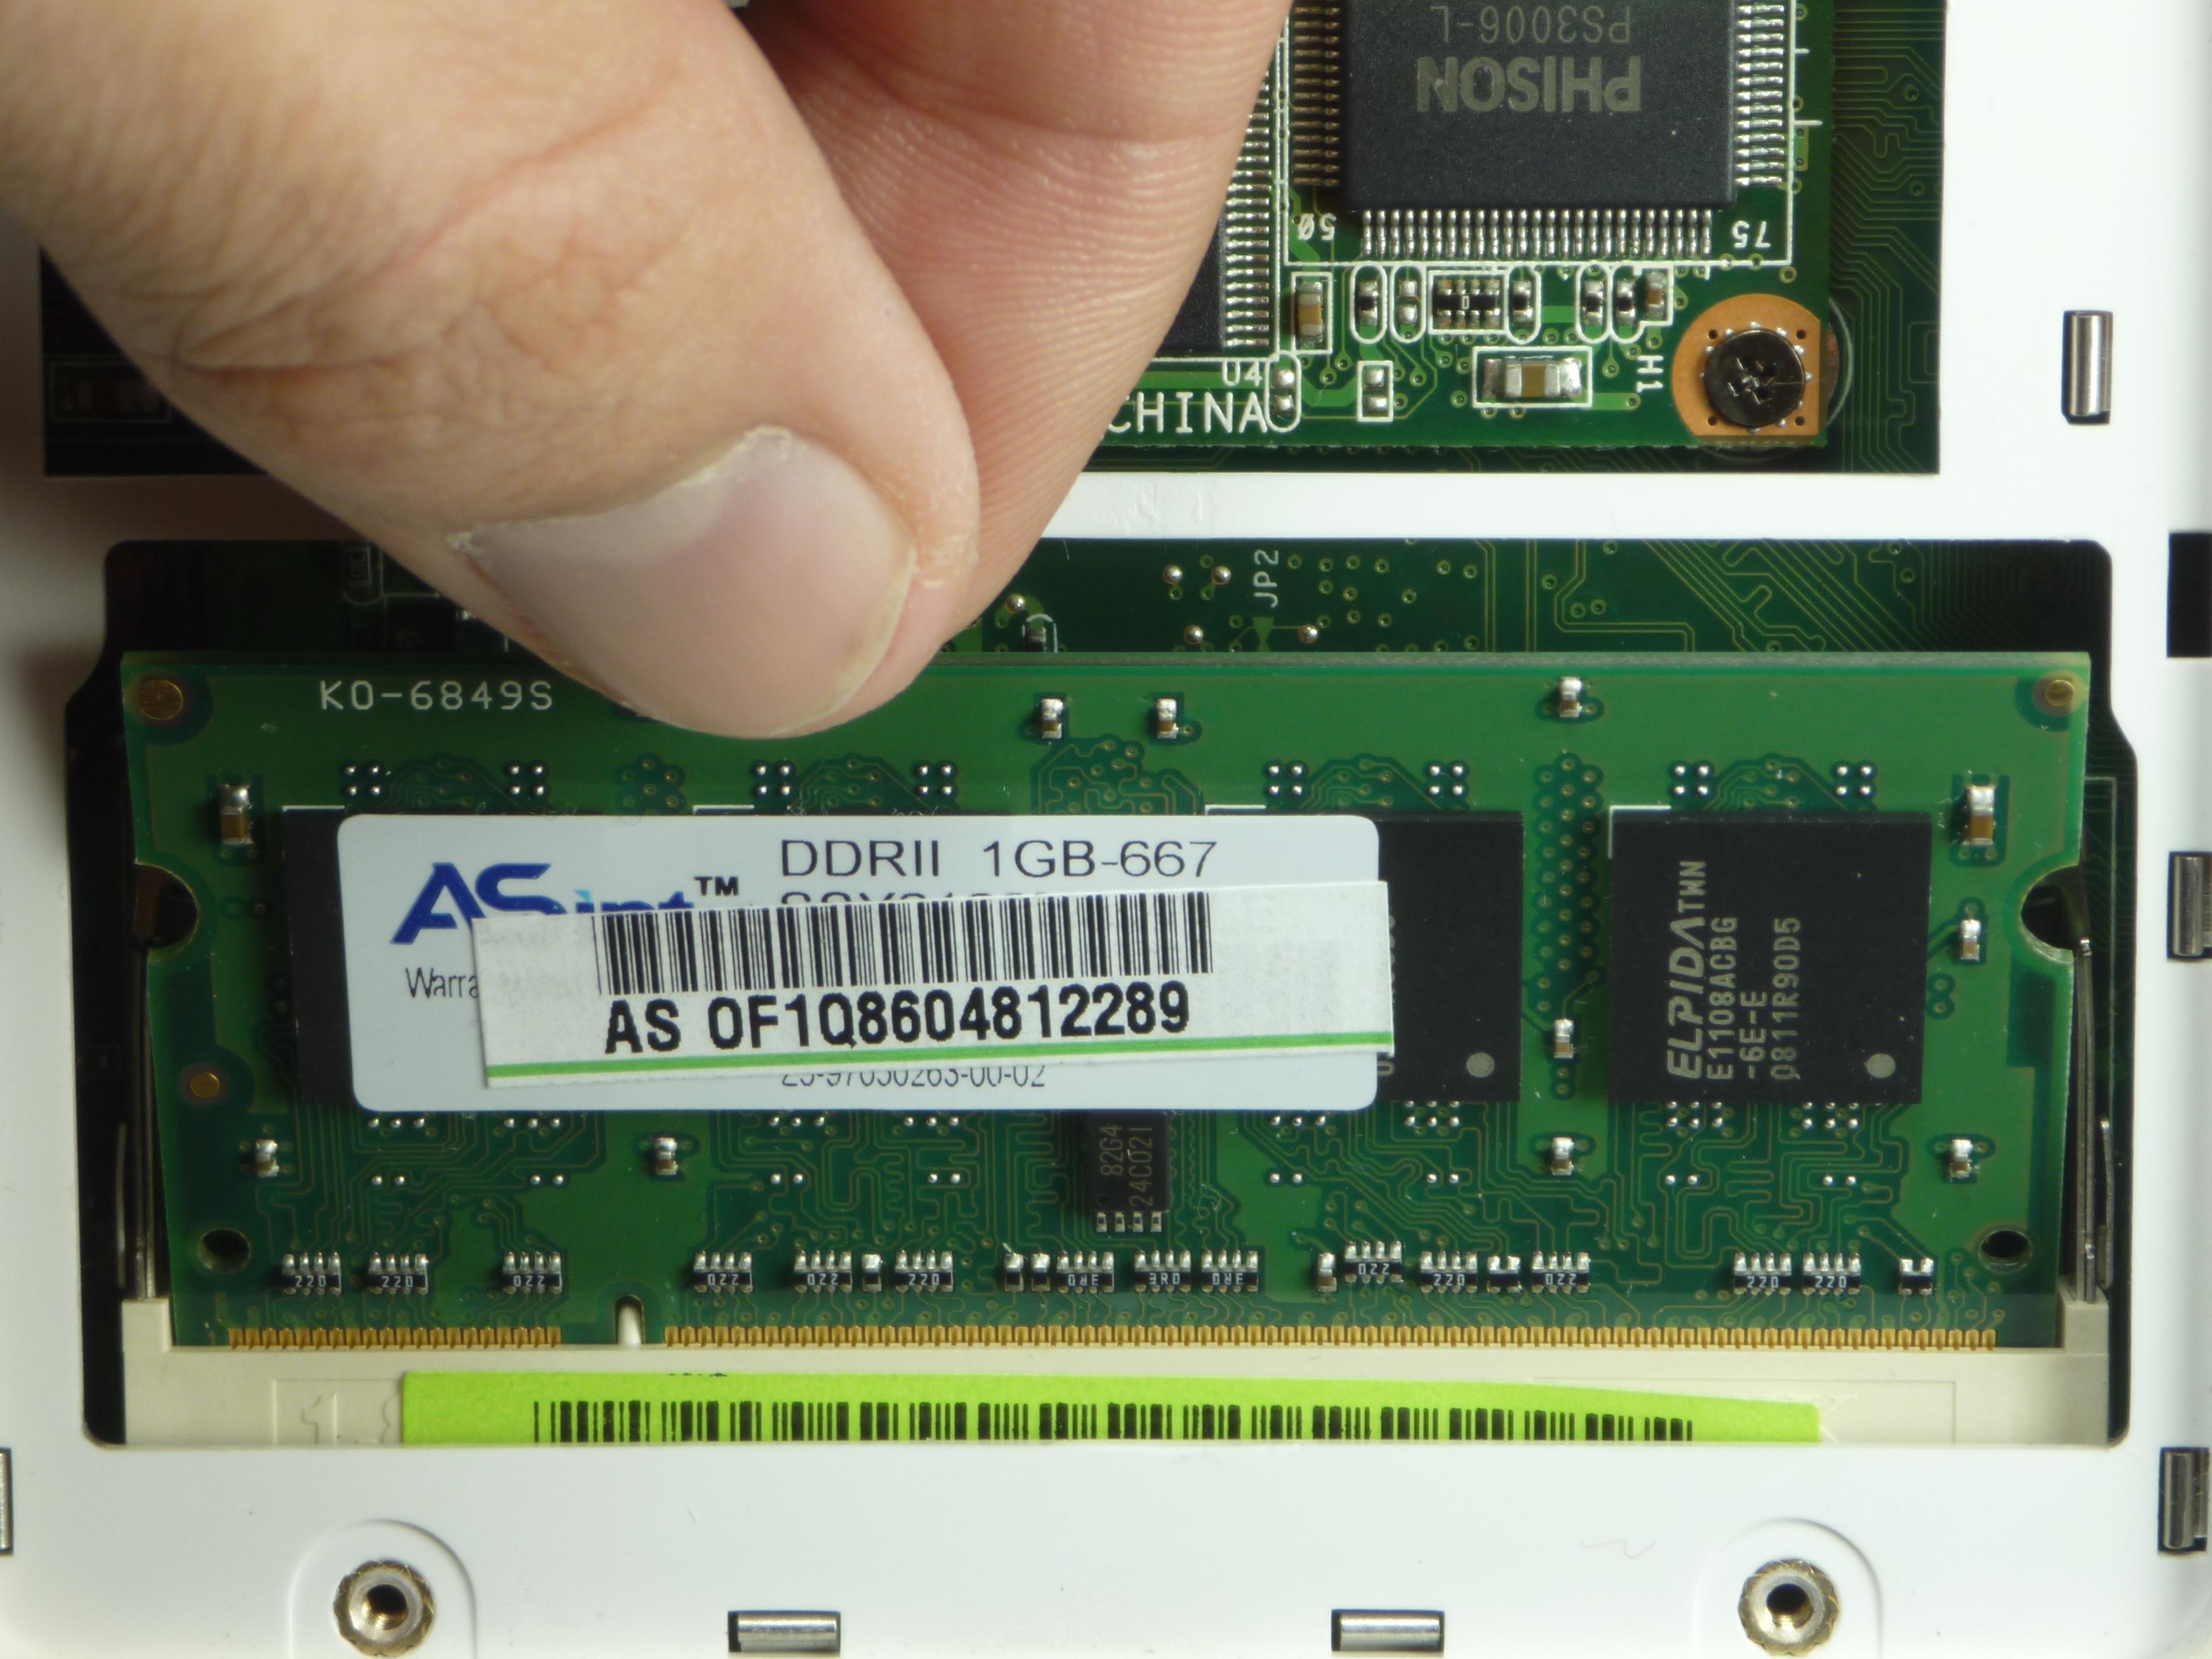 asus eee pc 900 repair ifixit rh ifixit com Asus Eee PC 900 Manual asus eee pc 900 service manual